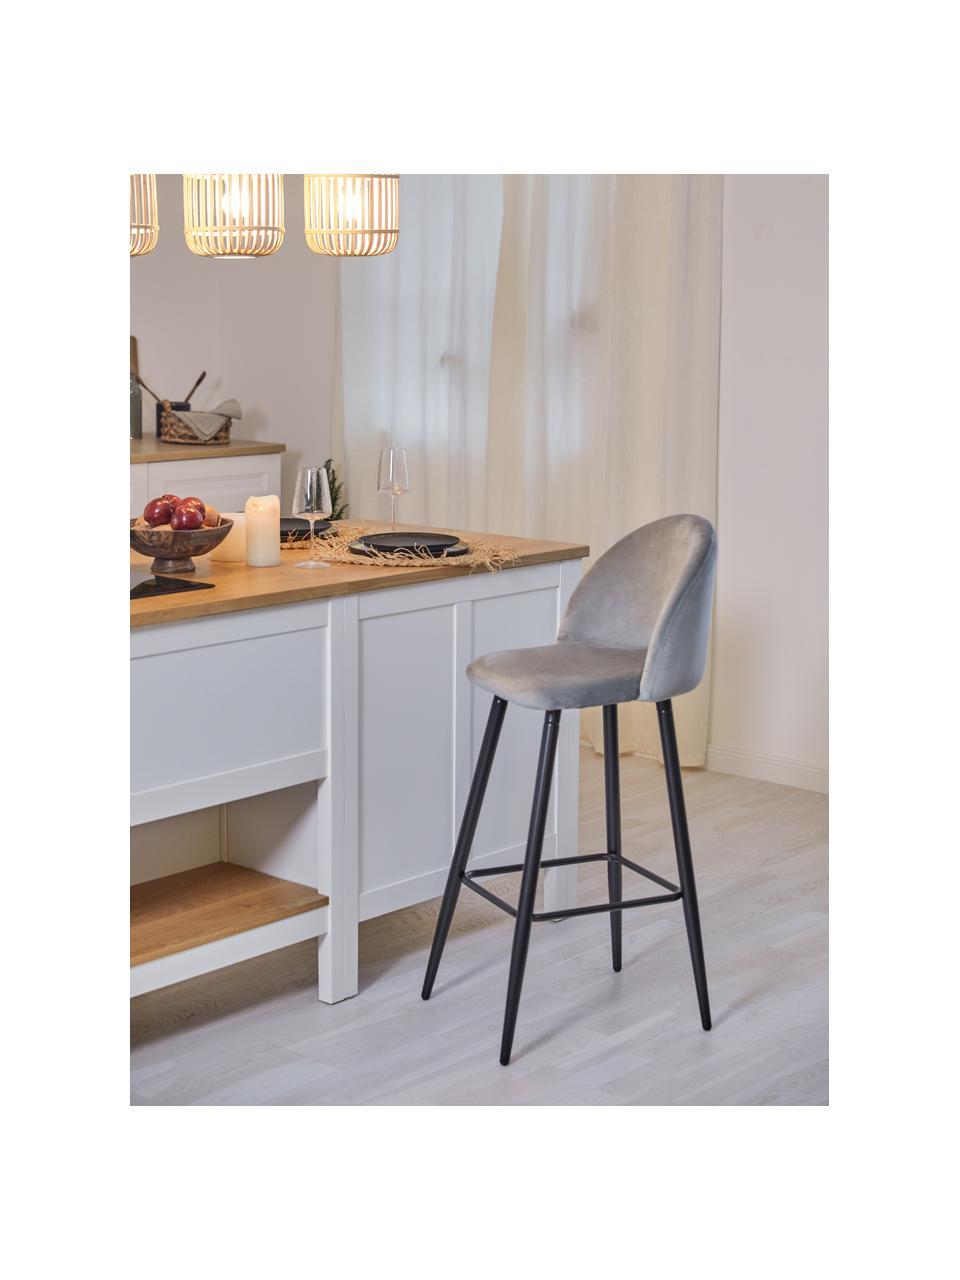 Krzesło barowe z aksamitu Amy, Tapicerka: aksamit (poliester) Tkani, Nogi: metal malowany proszkowo, Aksamitny szary, S 45 x W 103 cm